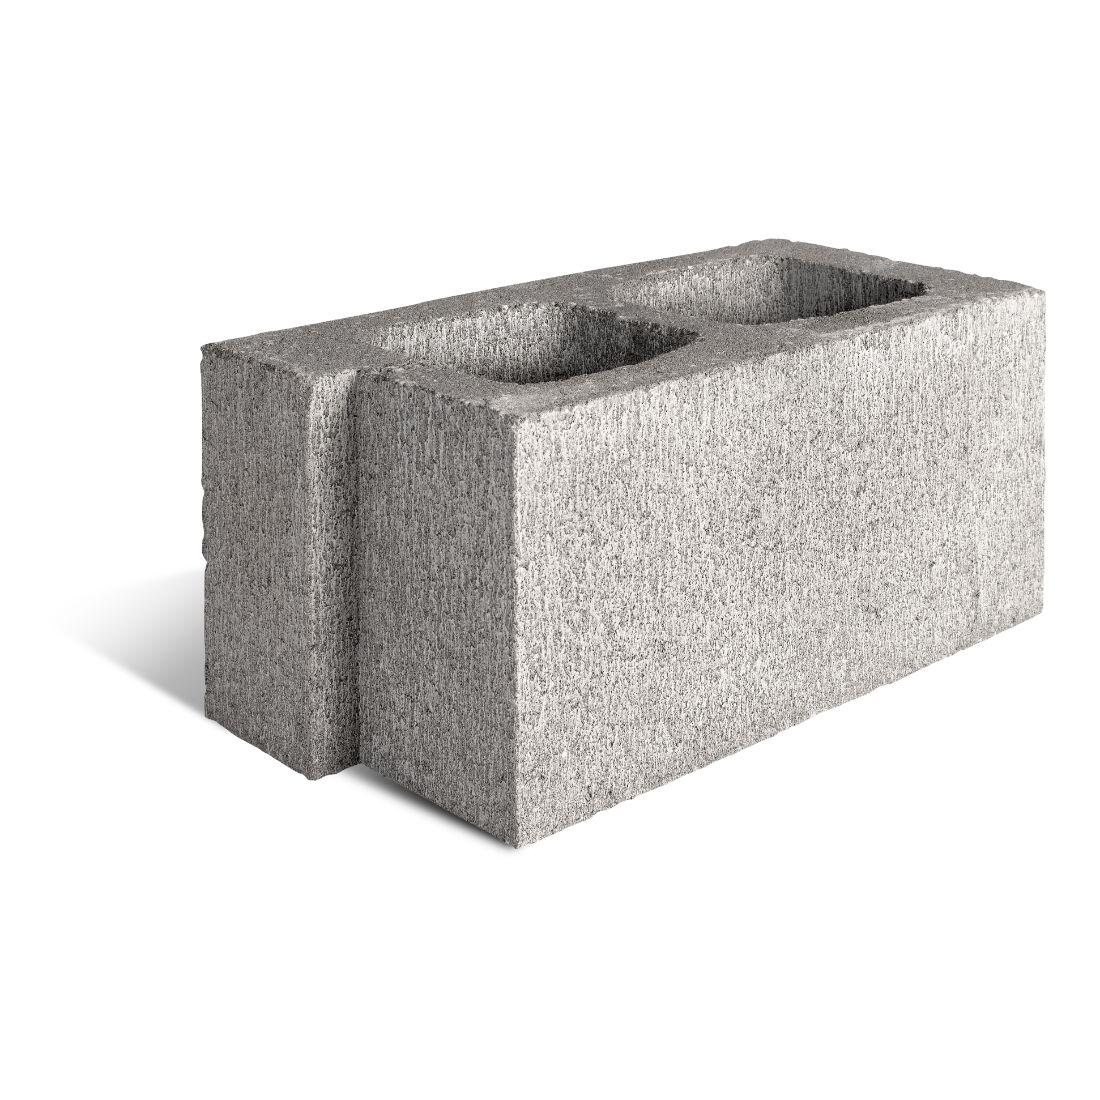 20.19 Three Quarter Block 390 x 190 x 190mm